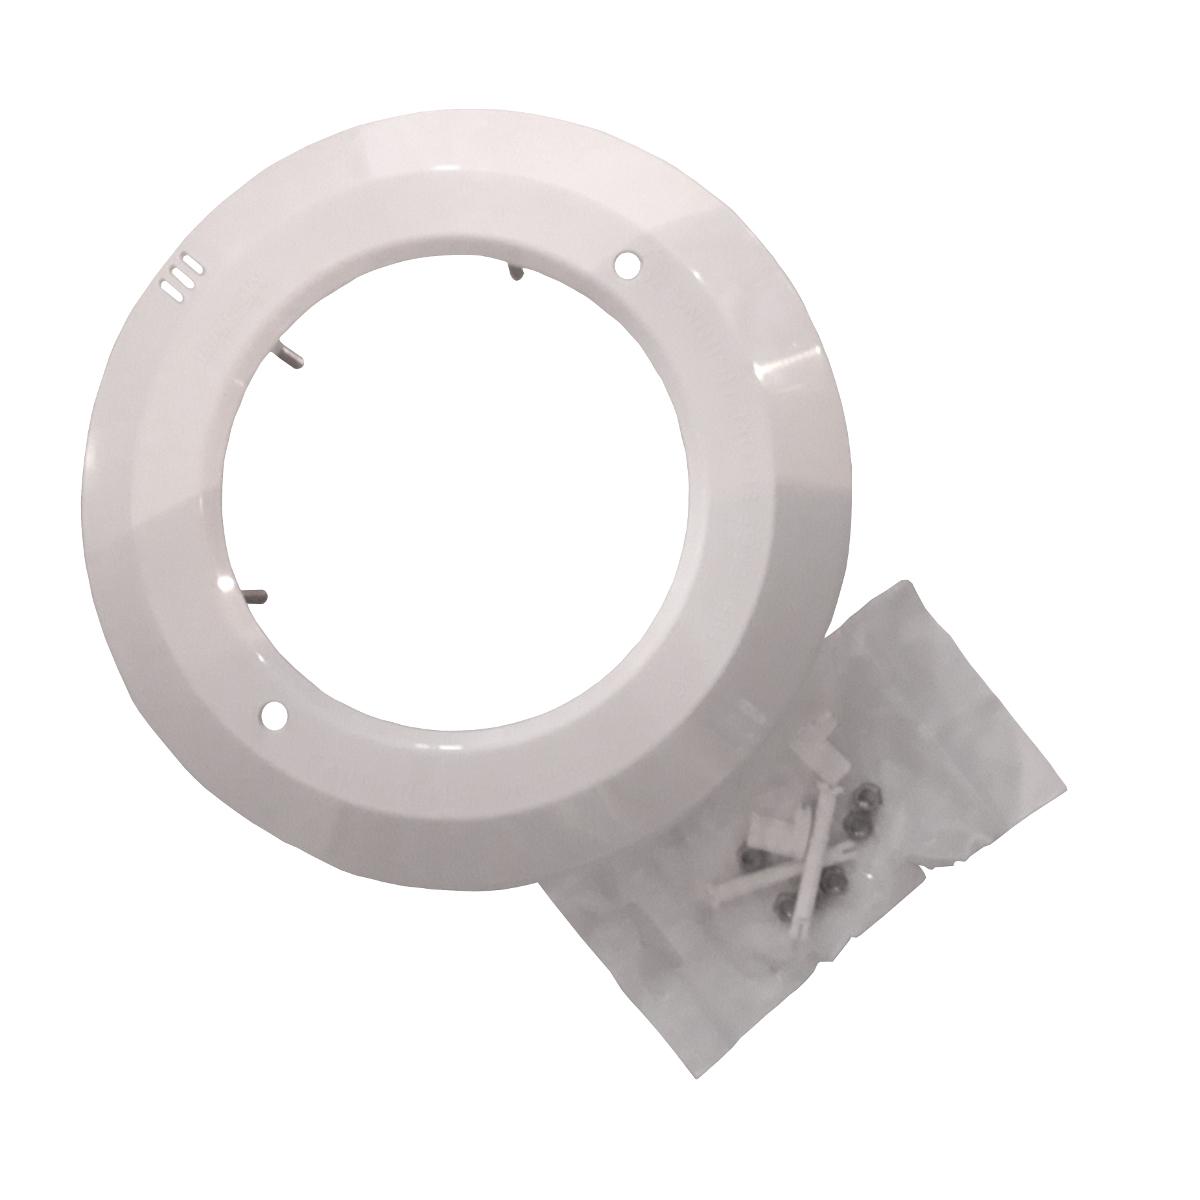 Enjoliveur + bride + vis + anneaux pour projecteur LED | ASTRALPOOL